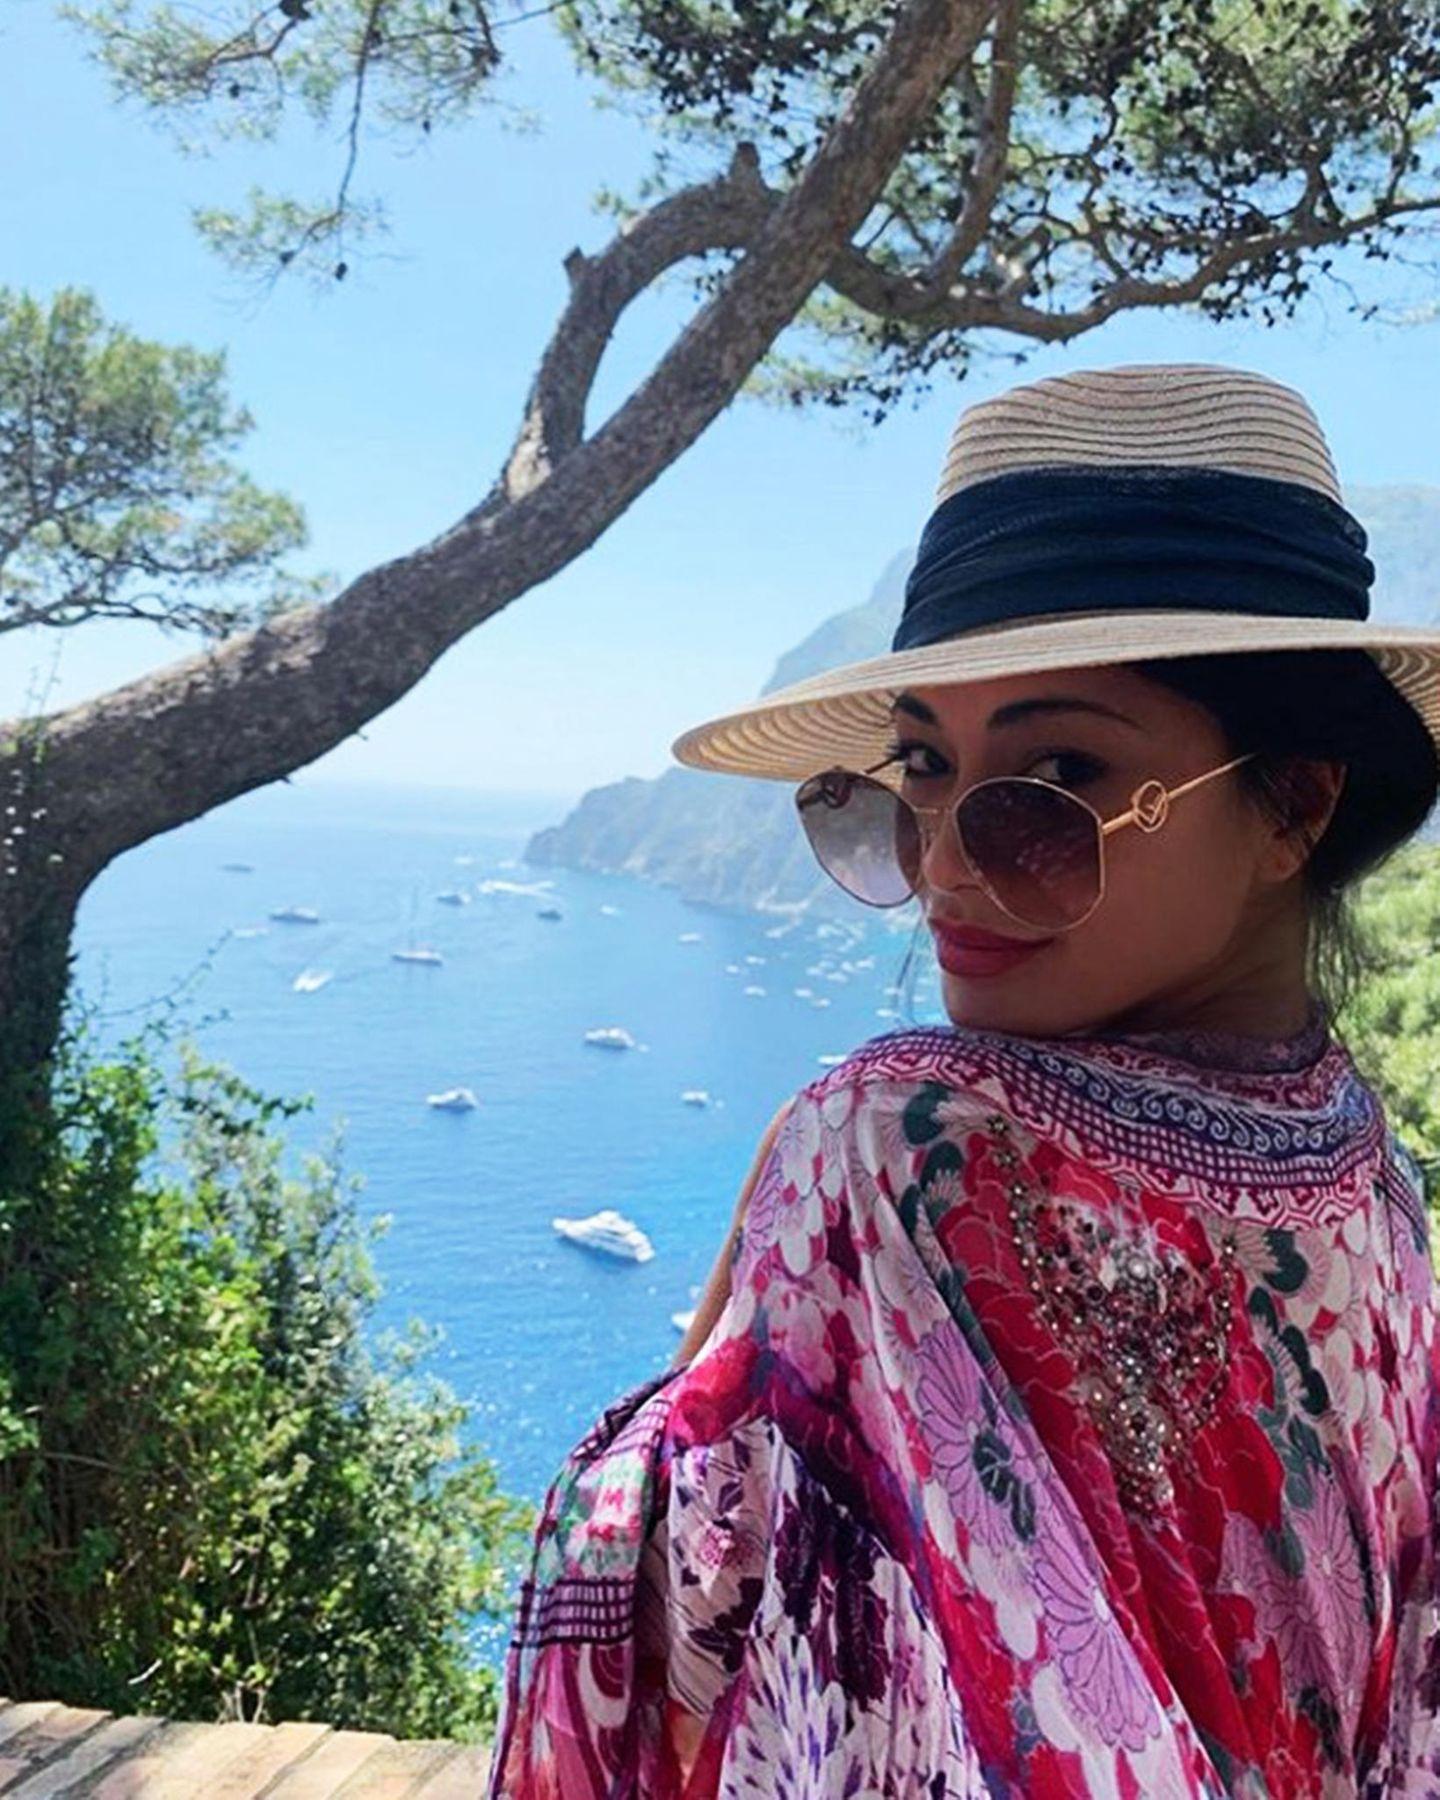 Mit verführerischem Blick über die Ränder ihrer Sonnenbrille grüßt Nicole Scherzinger von der beliebten Insel Capri.